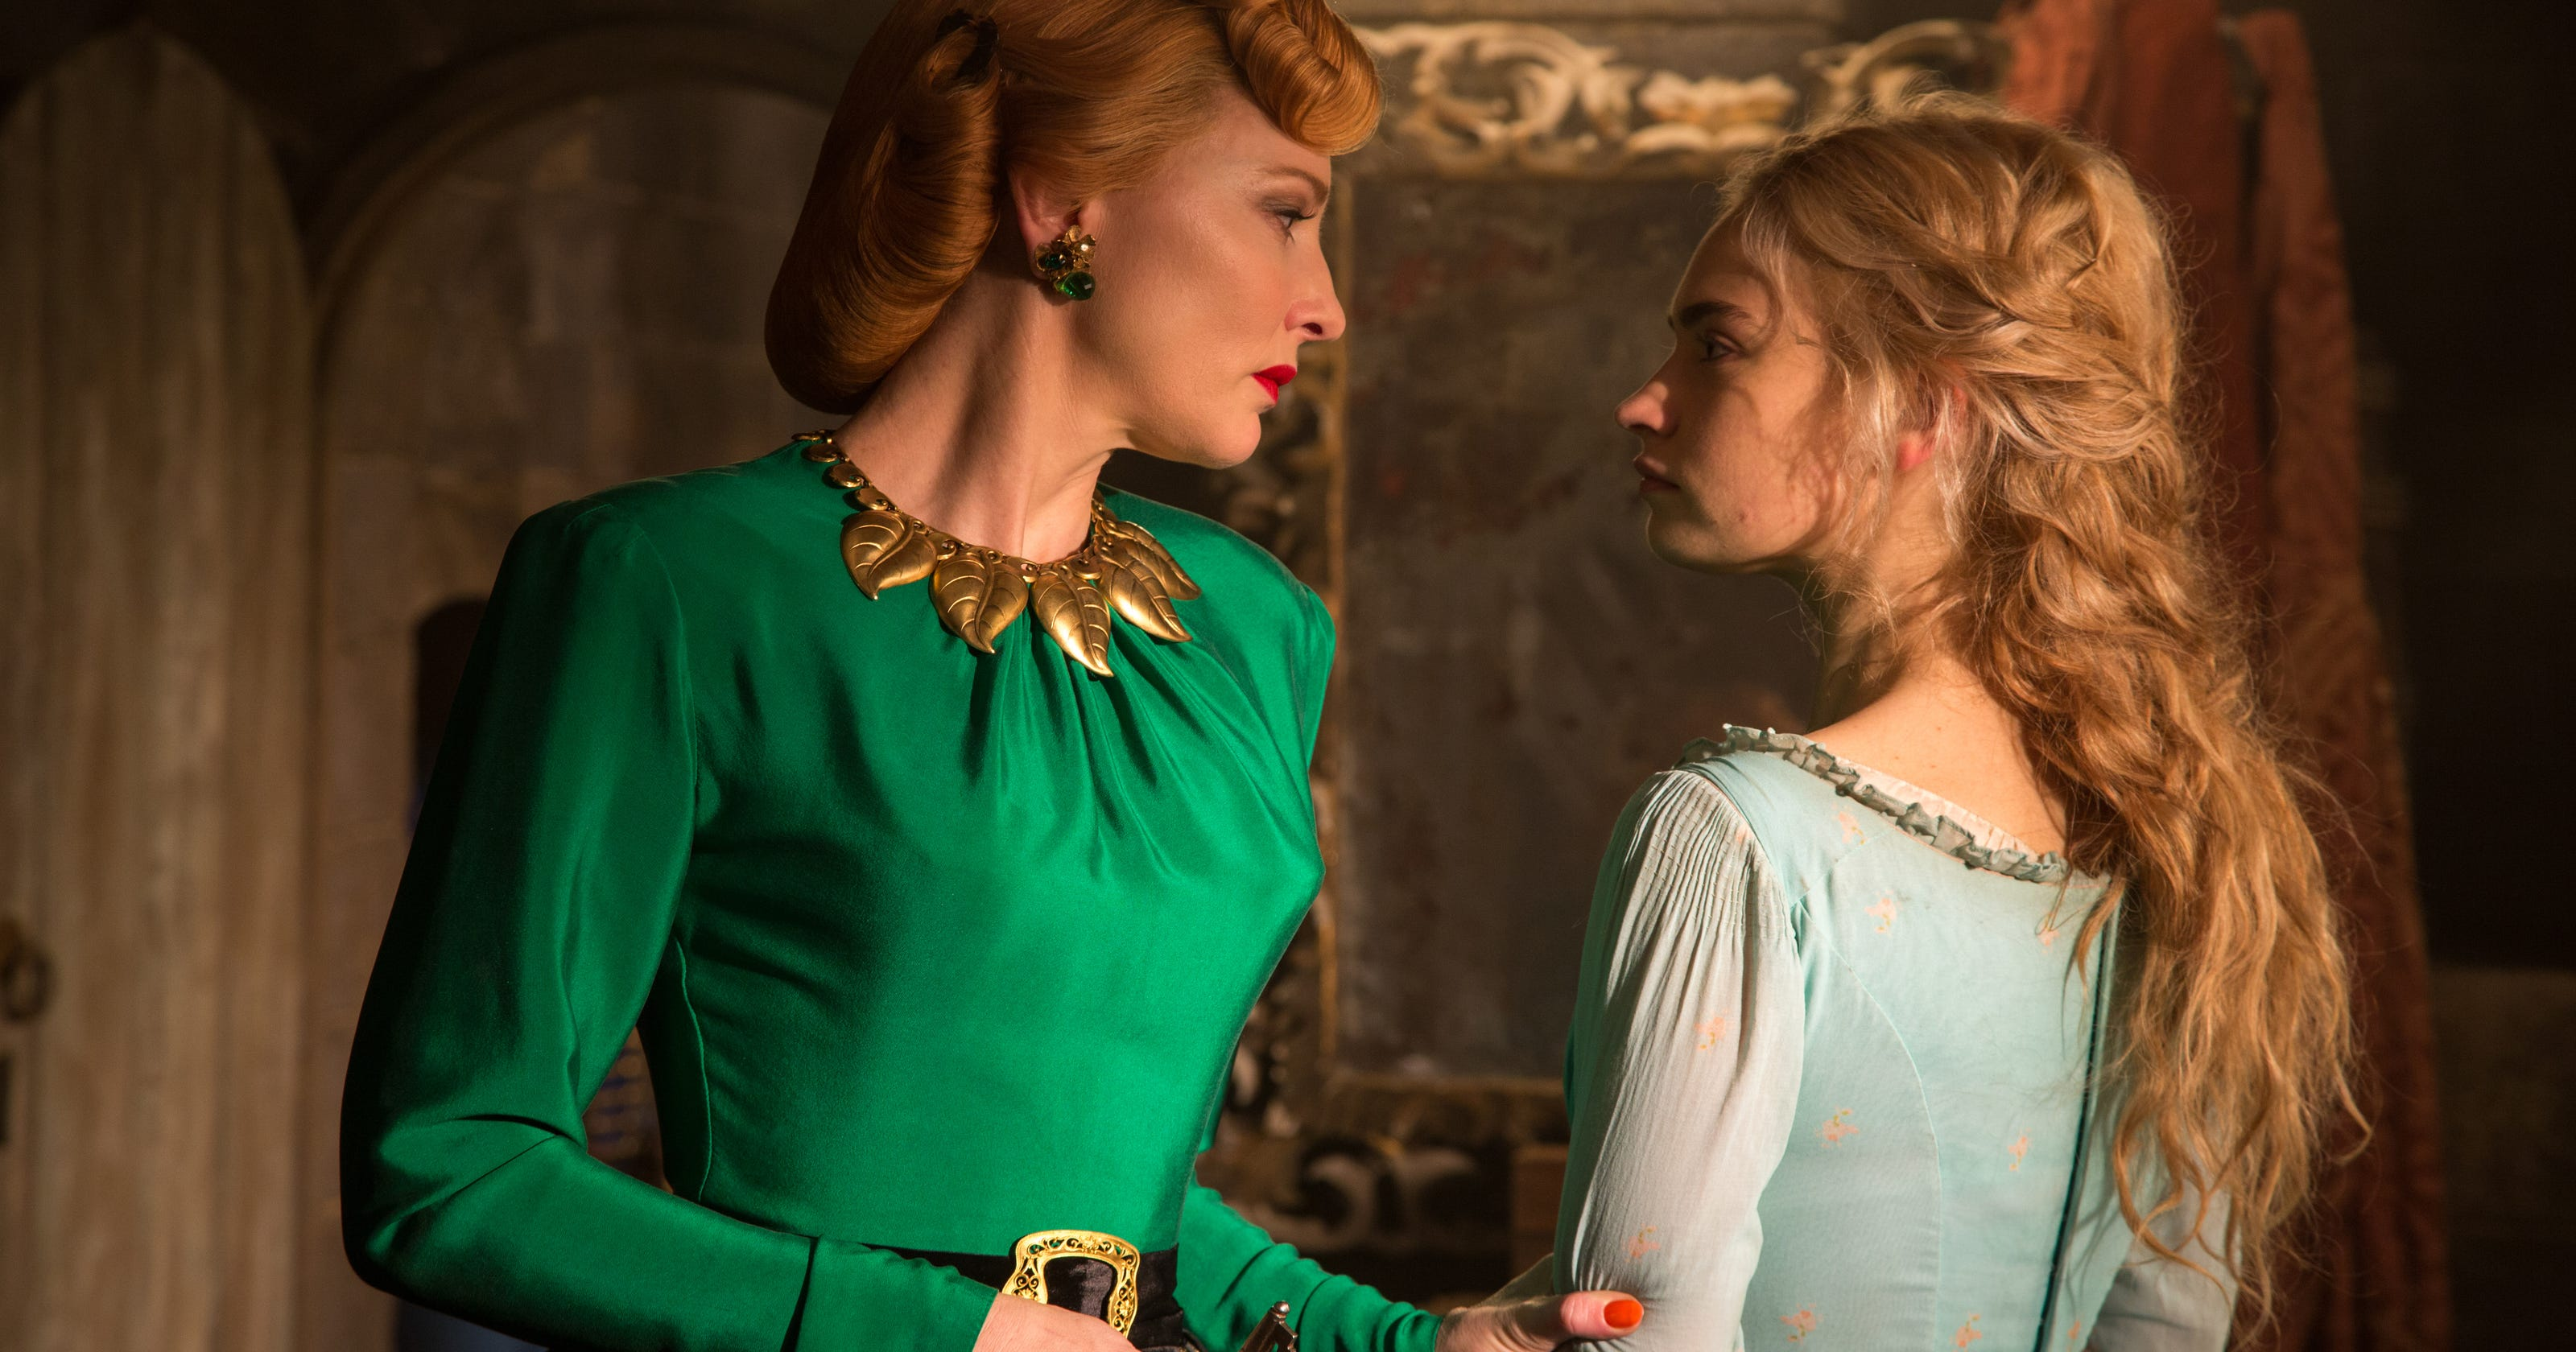 Should Cinderella Punish Her Stepmom